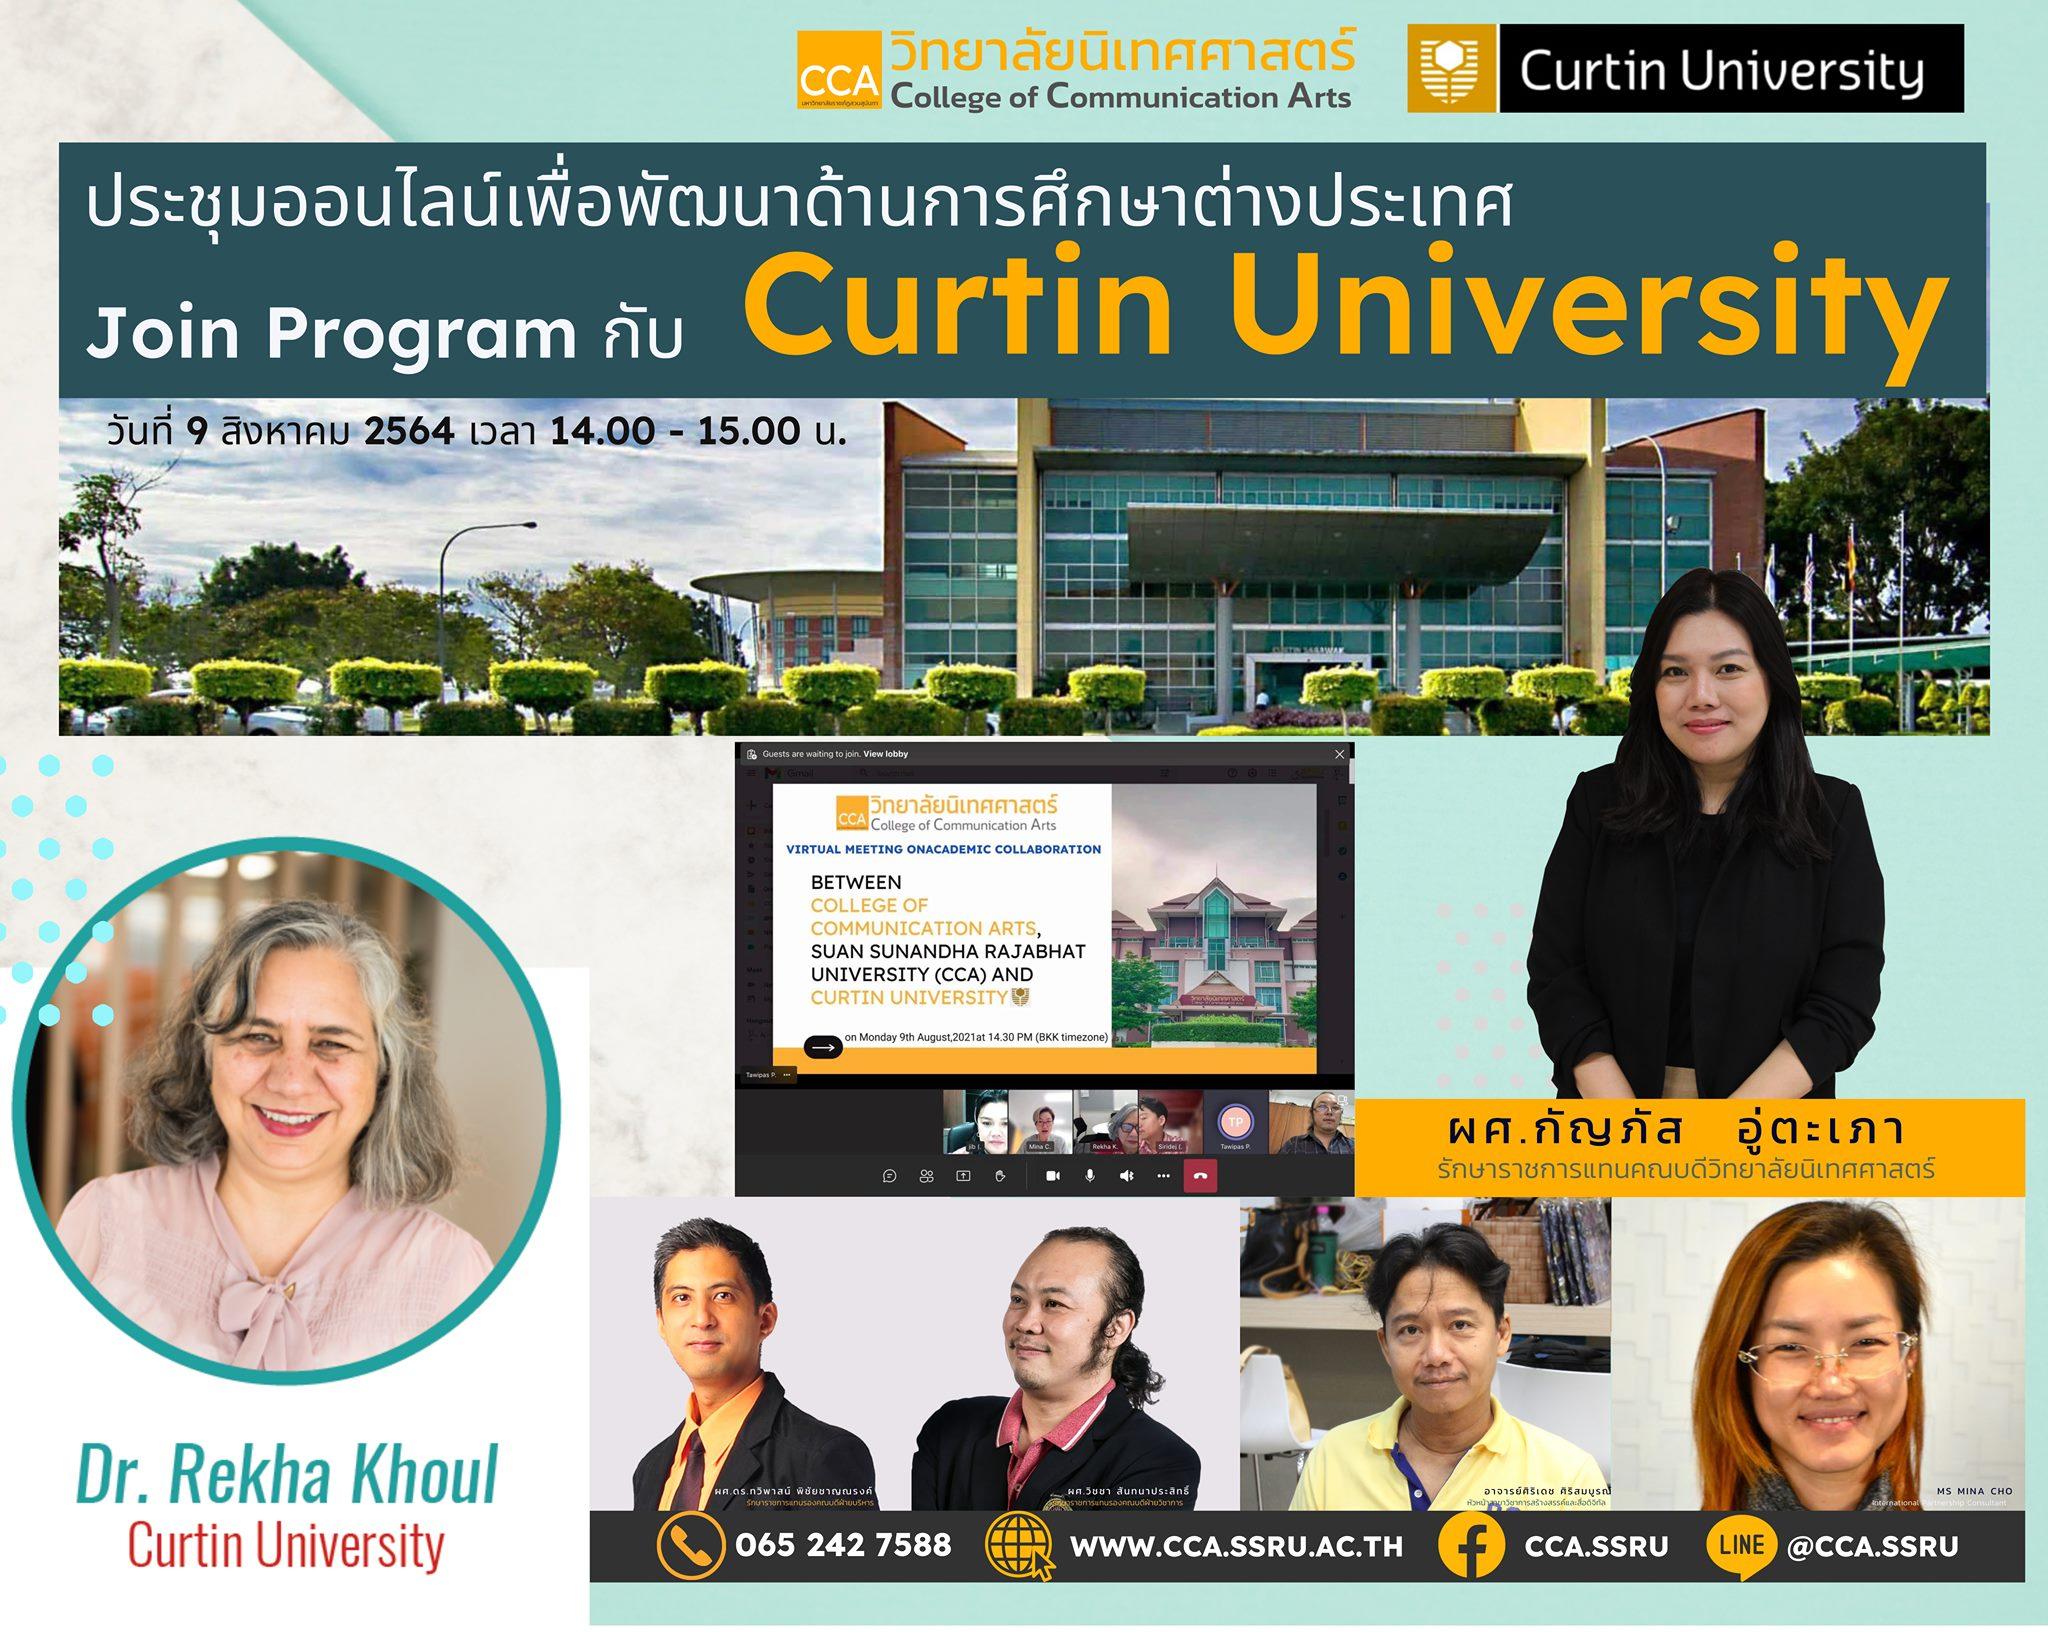 นิเทศศาสตร์ สวนสุนันทา หารือ Curtin University ต่อยอดการศึกษาสู่มาตรฐานนานาชาติ